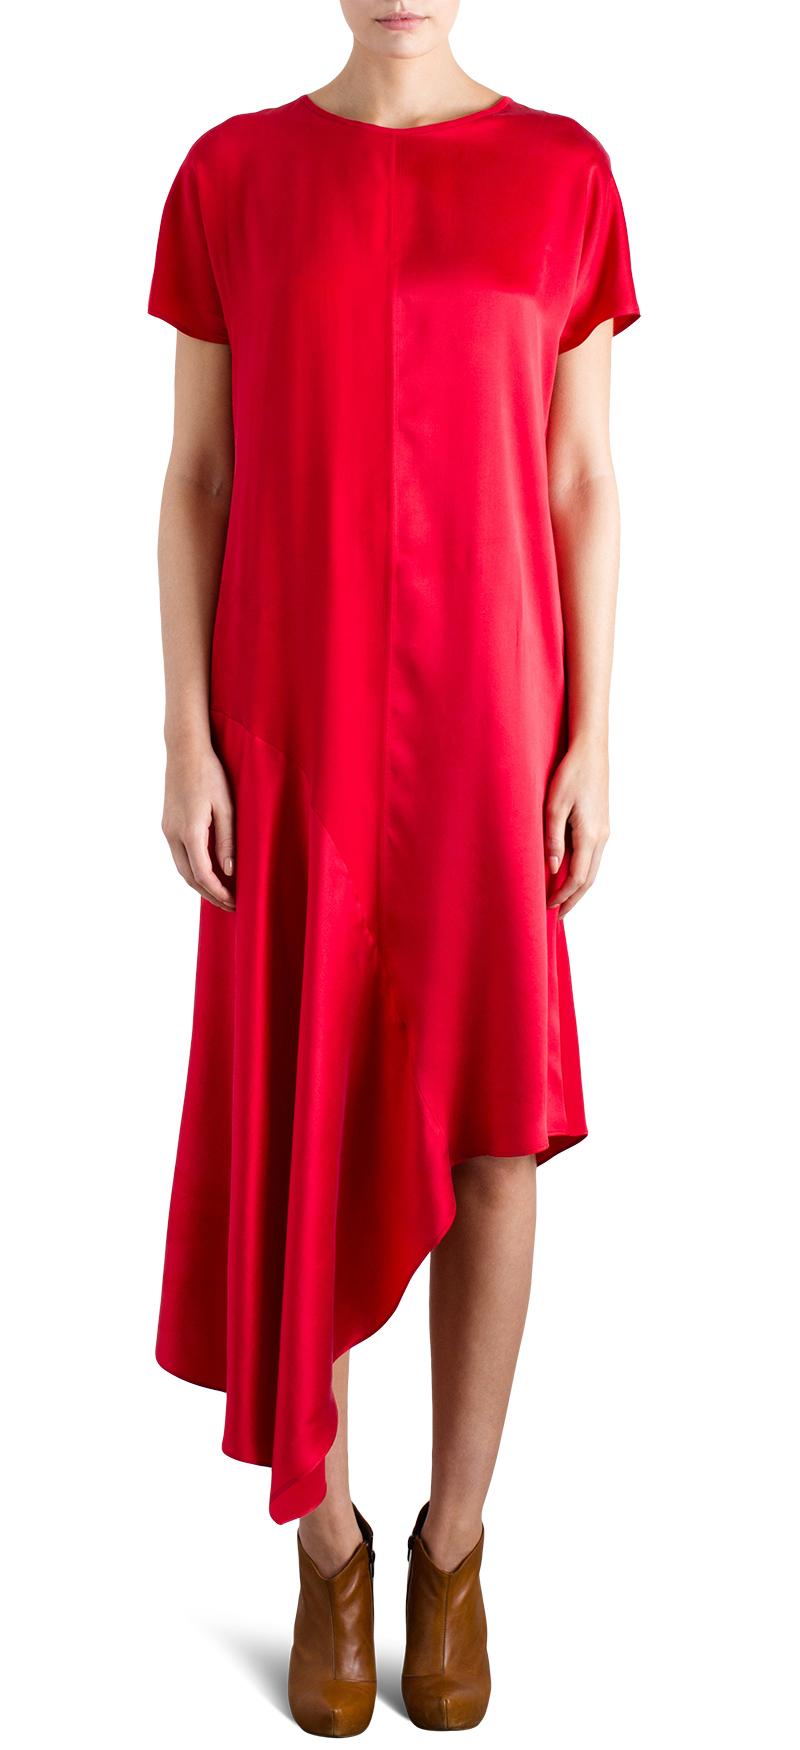 Bild 1 av Dance silk dress